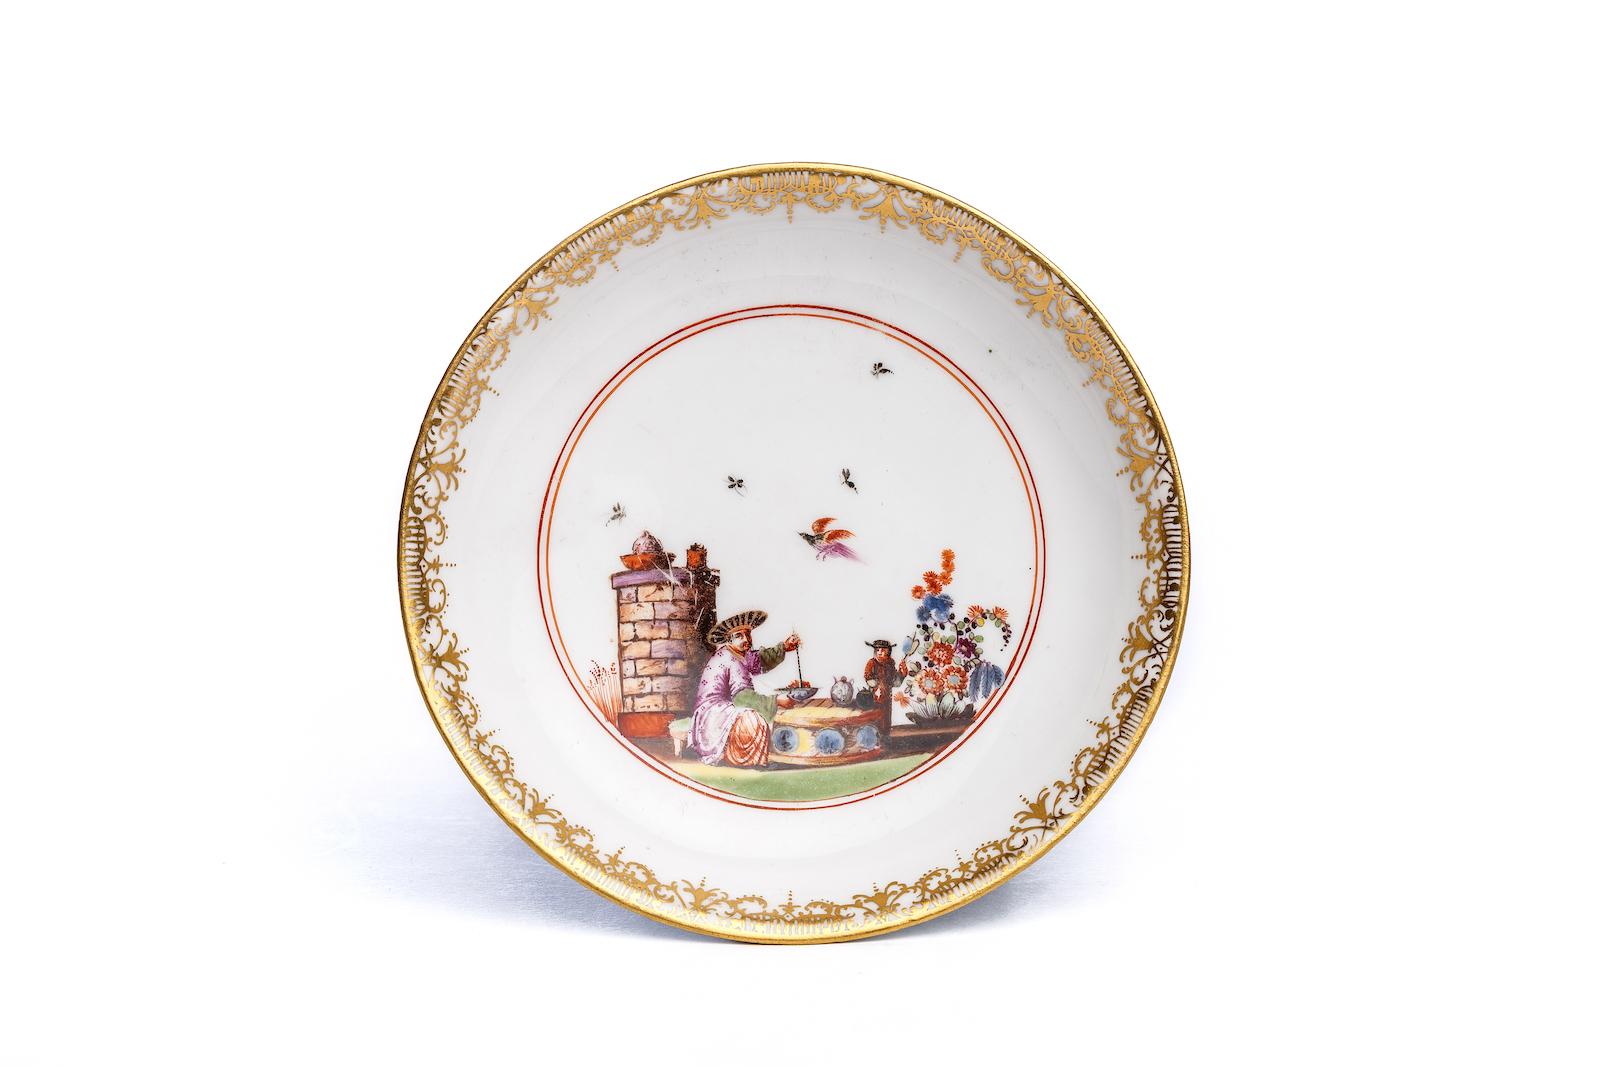 #202 Kleine Unterschale, Meissen 1740, The Hoffmeister Collection | Small saucer, Meissen 1740 Image